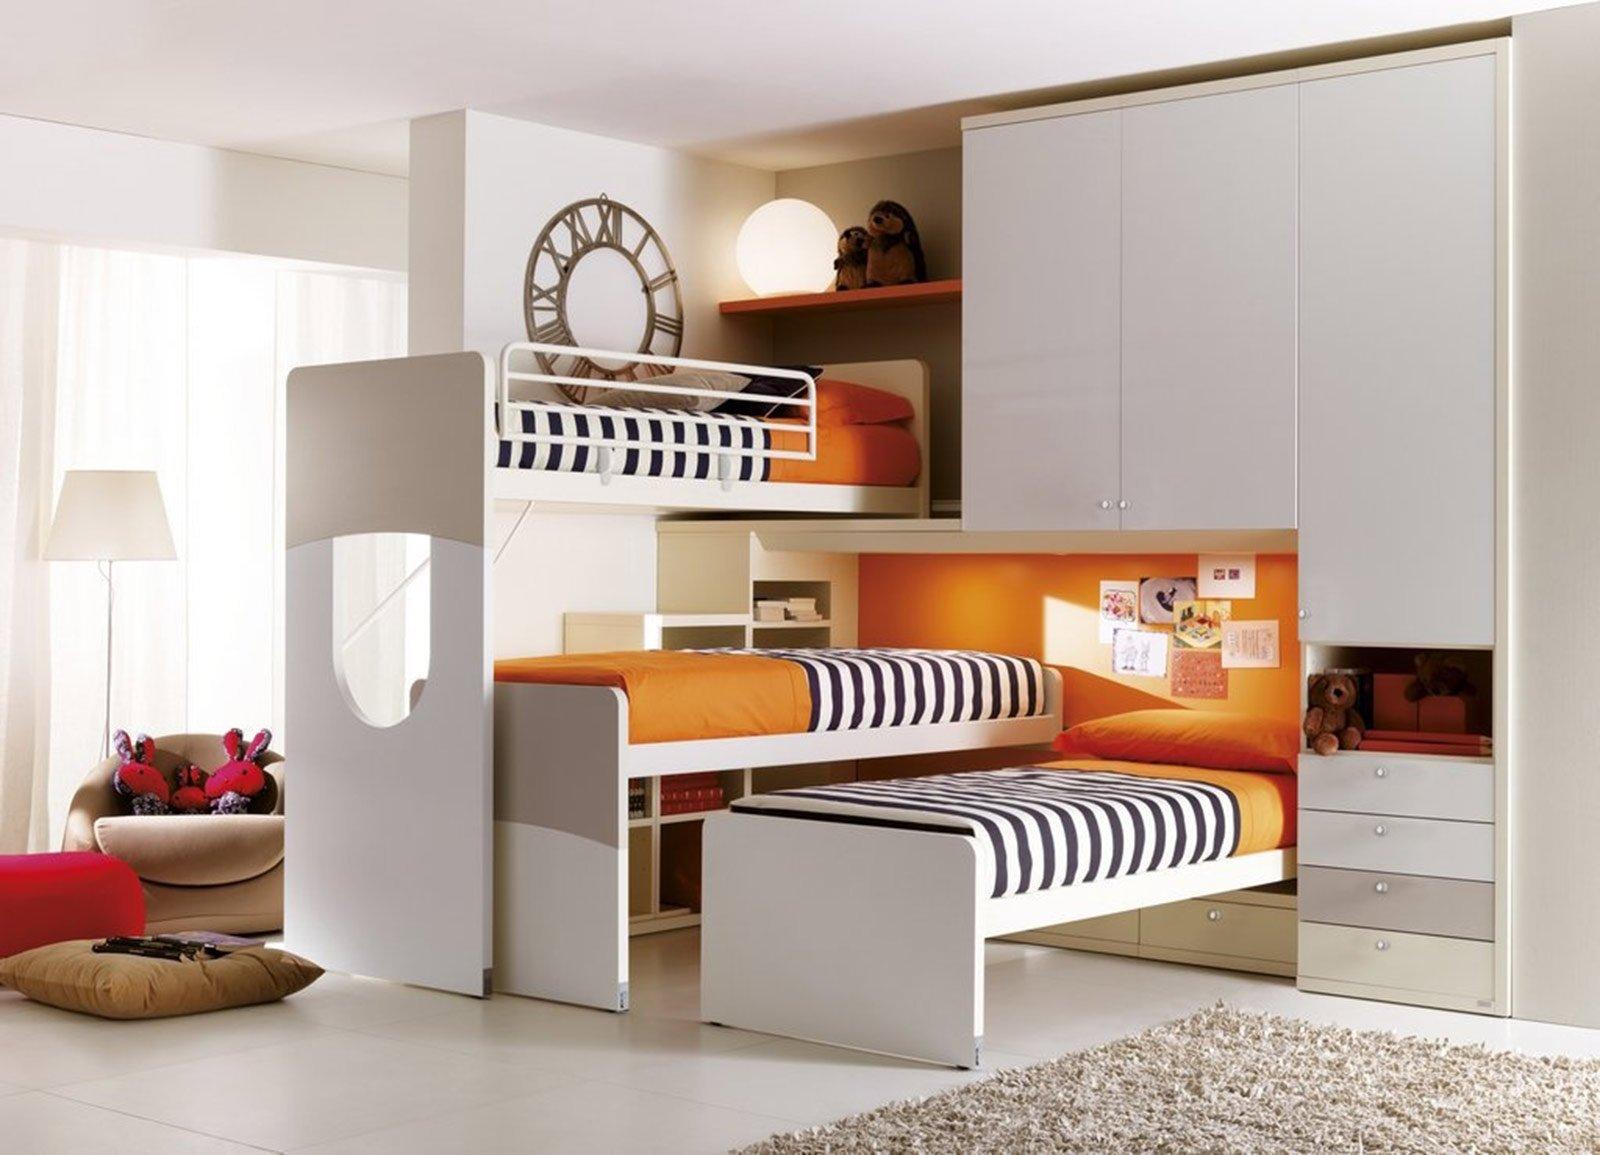 Camerette salvaspazio cose di casa - Ikea mobili camera bambini ...